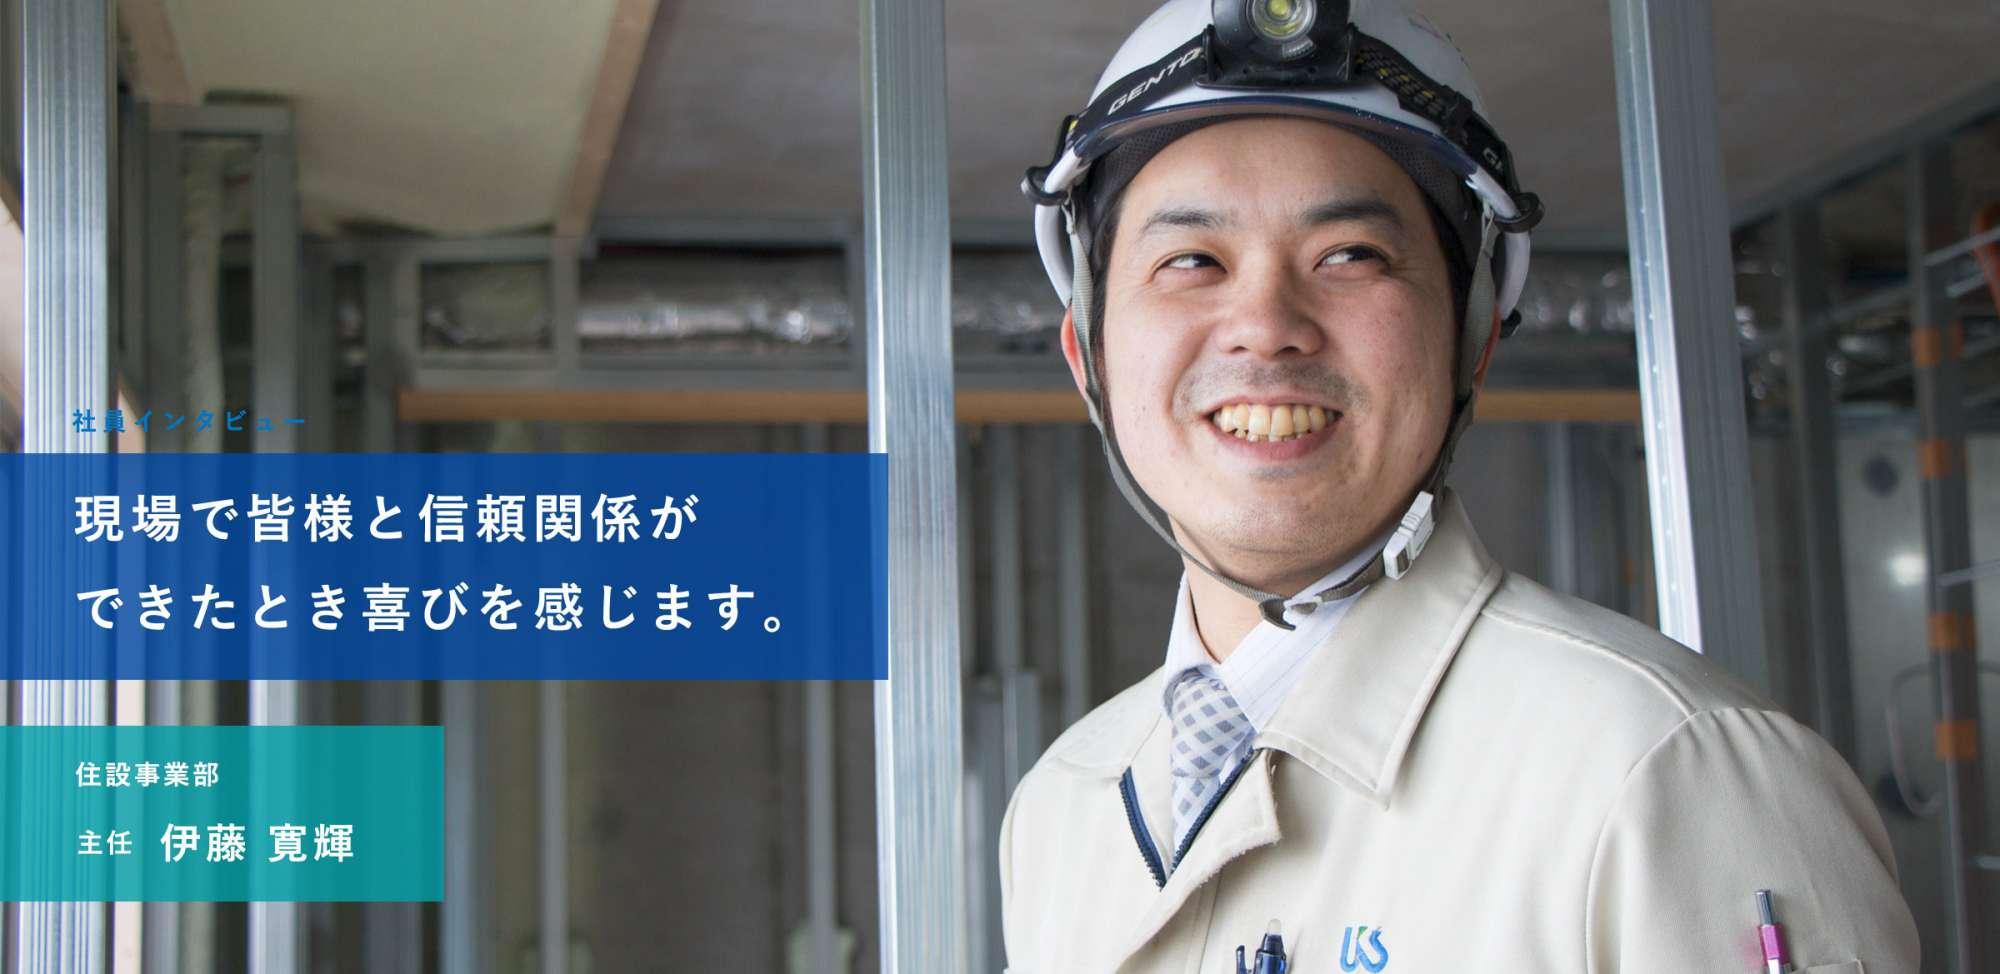 現場で皆様と信頼関係ができたとき喜びを感じます。住設事業部主任 伊藤 寛輝